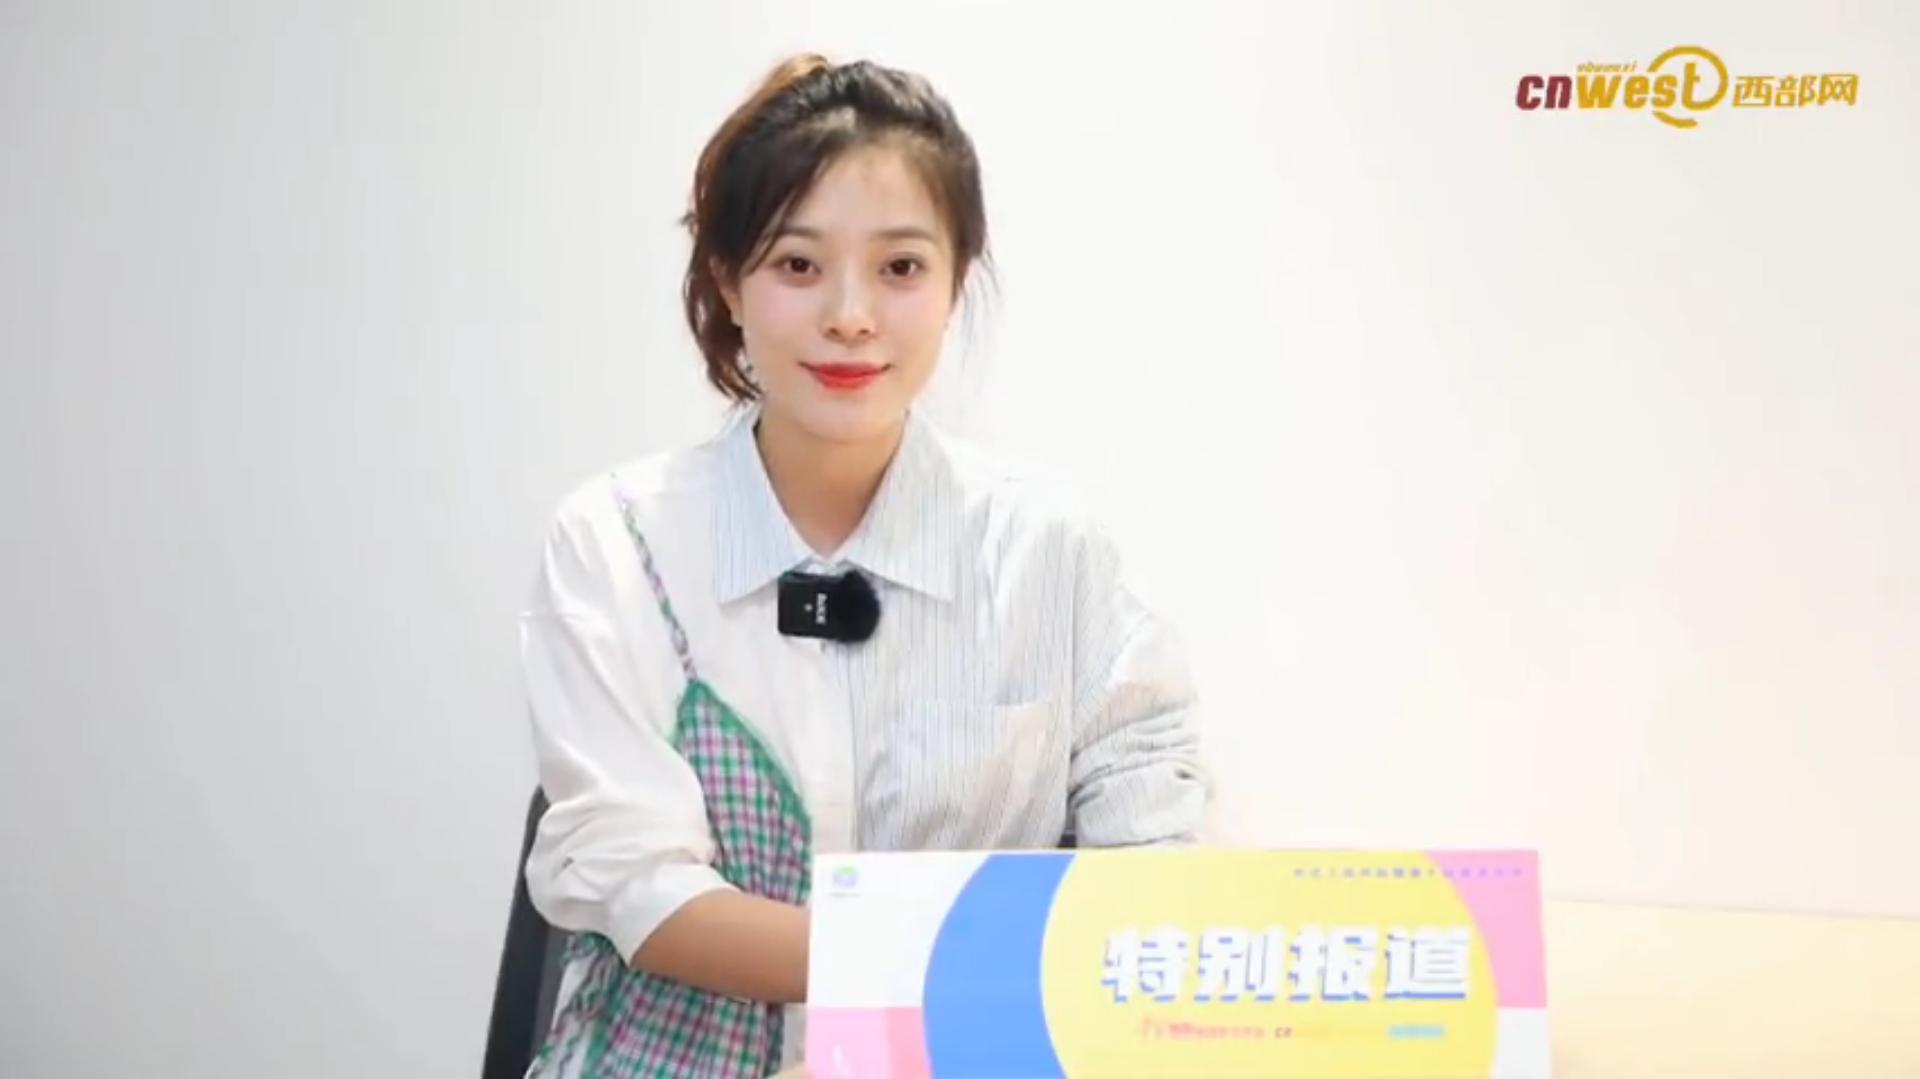 十四运会游泳项目开赛 汪顺、张雨霏领衔出战